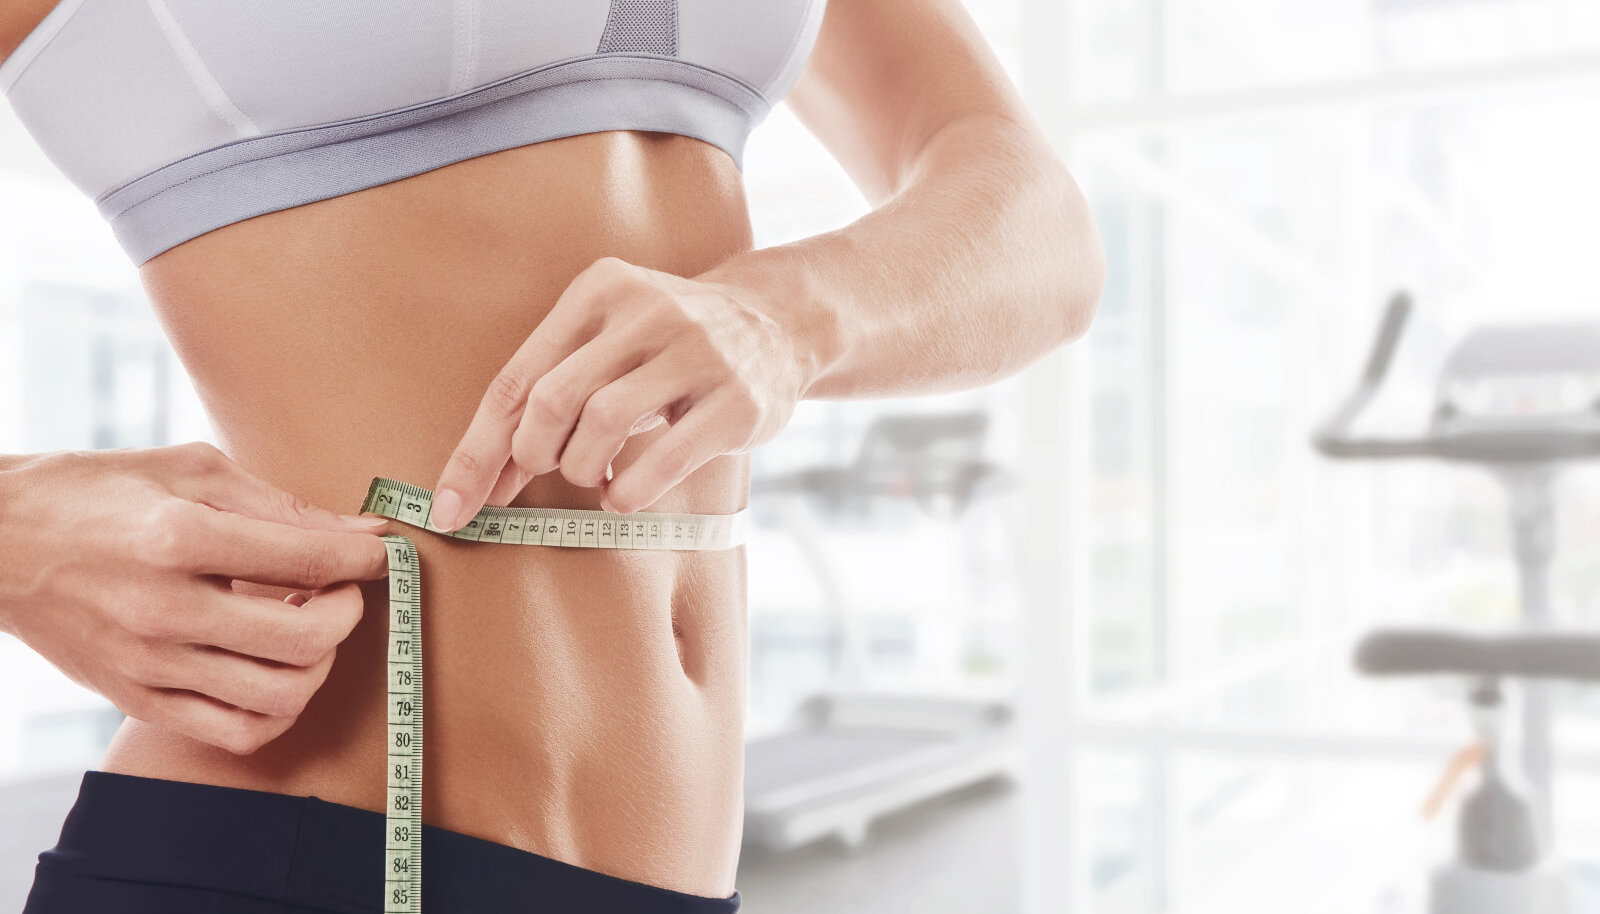 Elu parast rasva kadumist Kuidas soita rasva poletamiseks